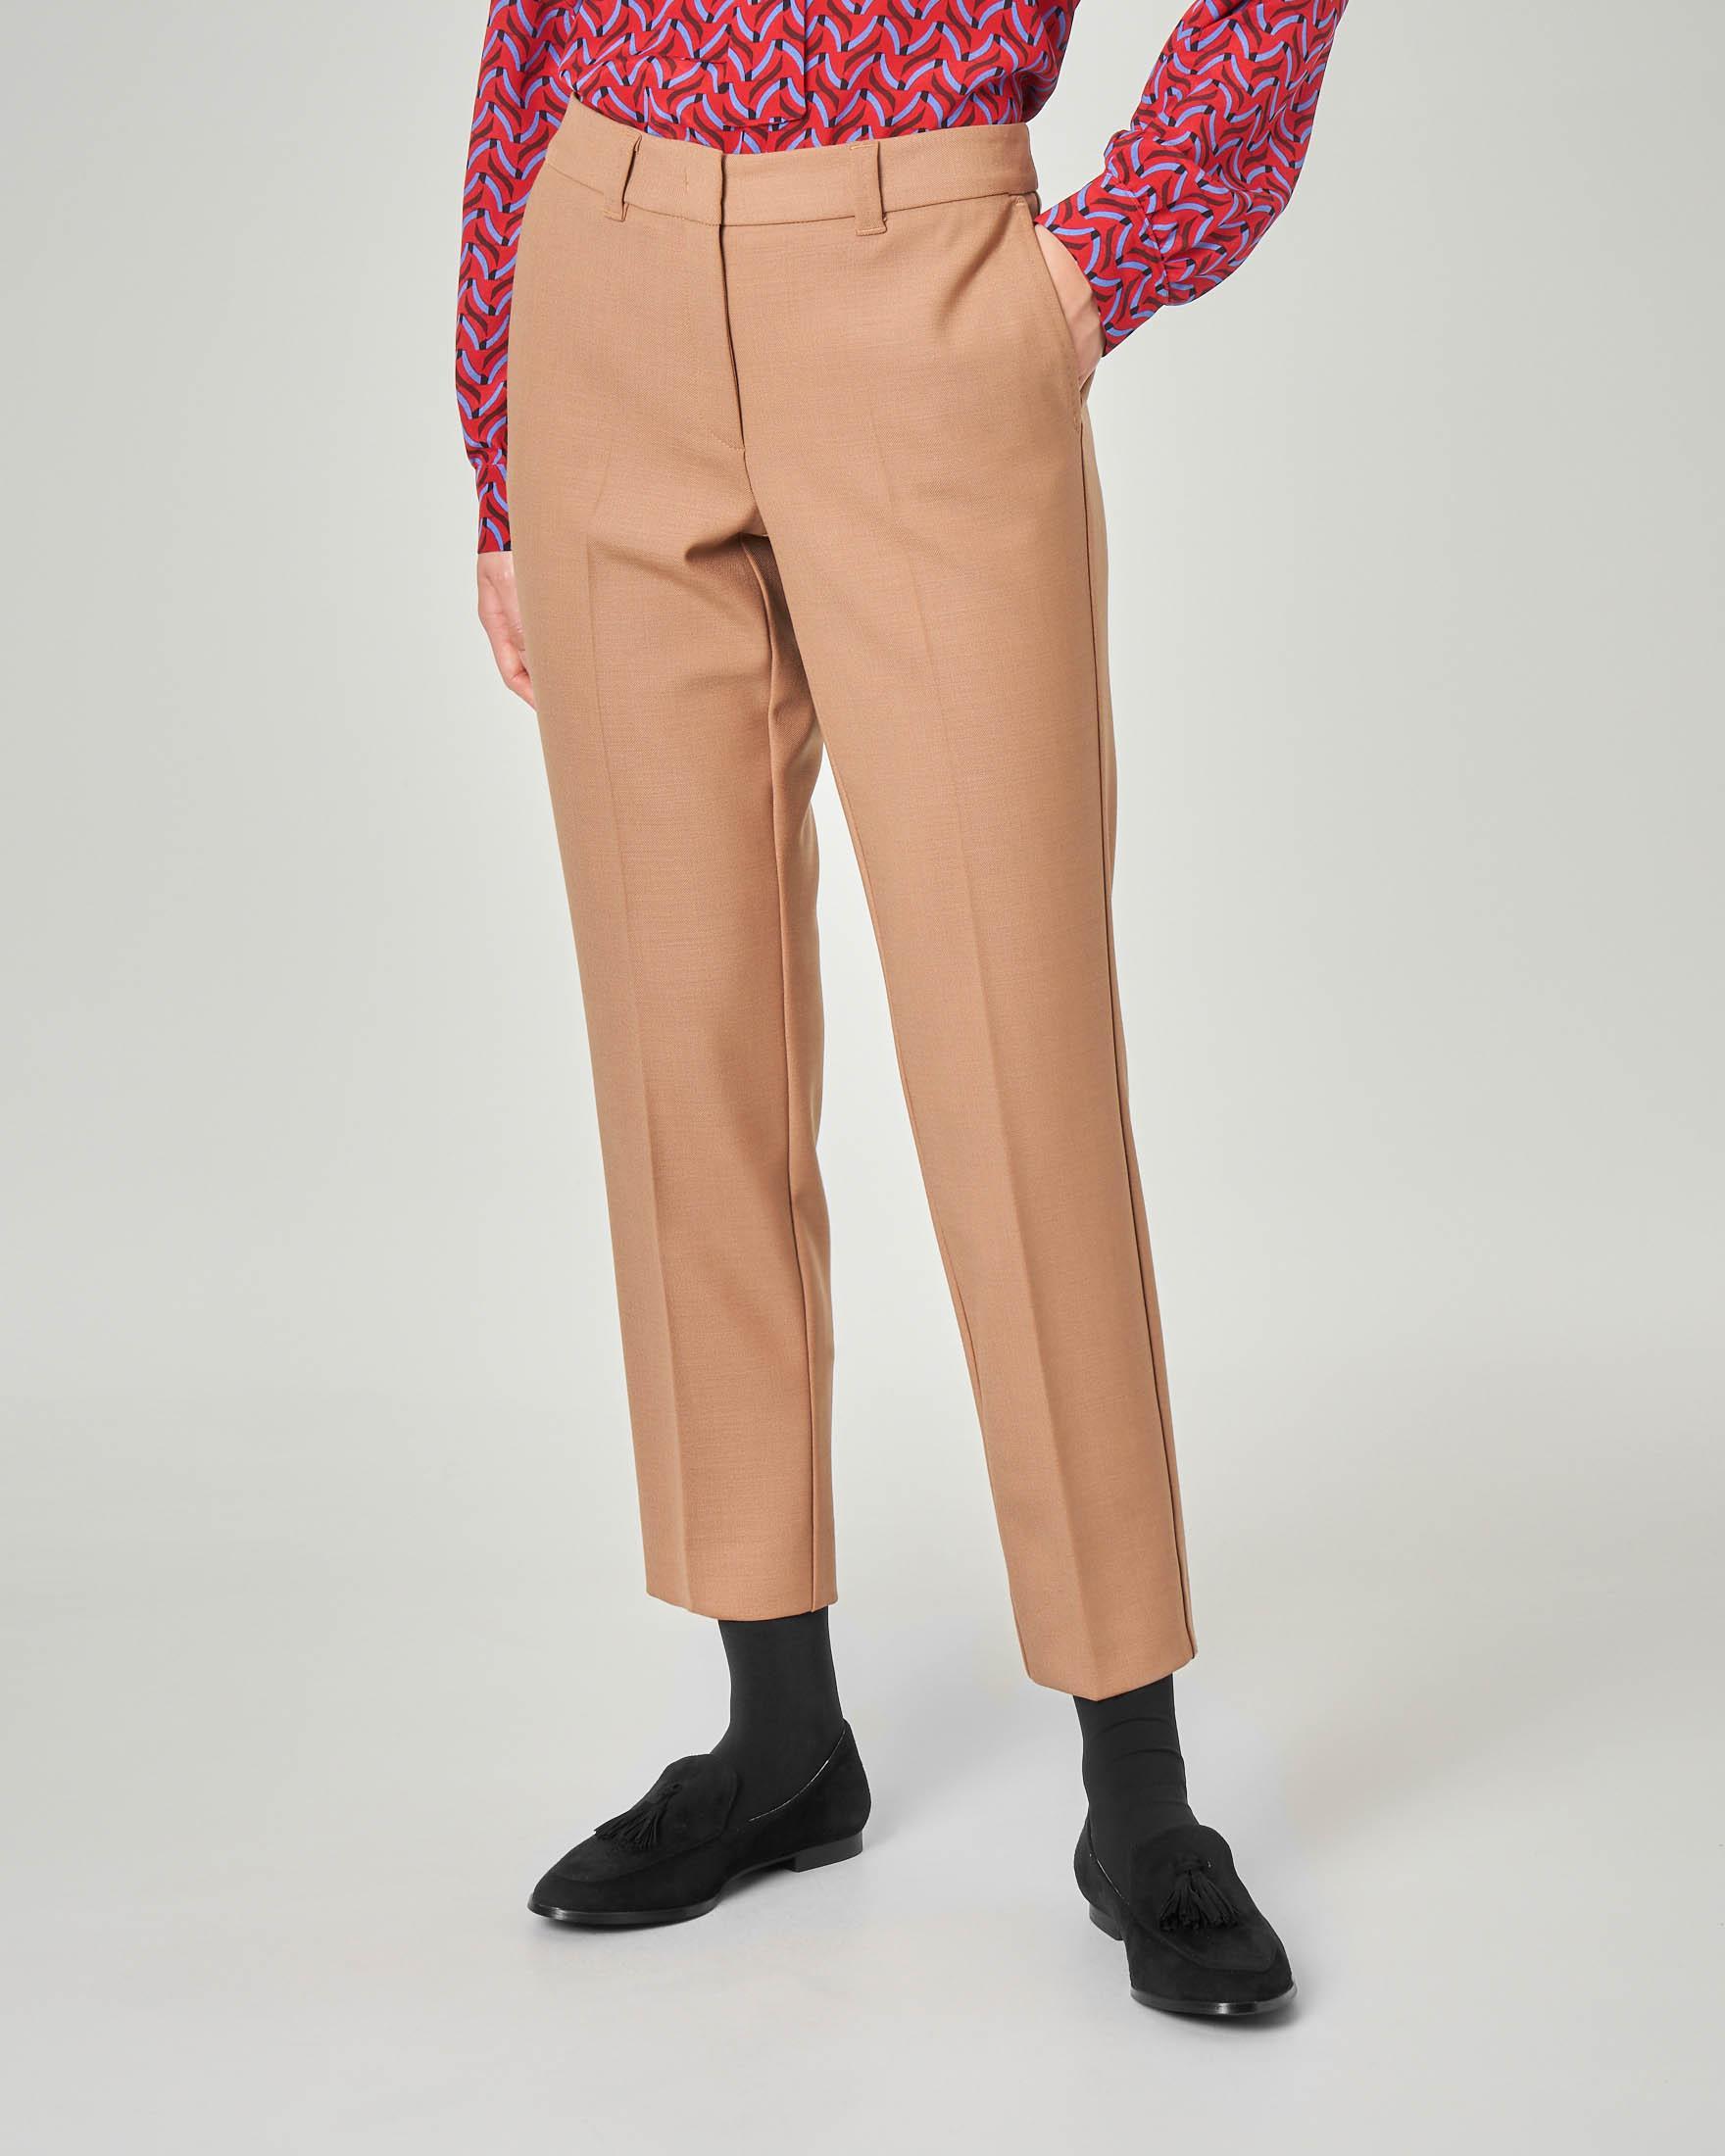 Pantaloni dritti color cammello in misto lana